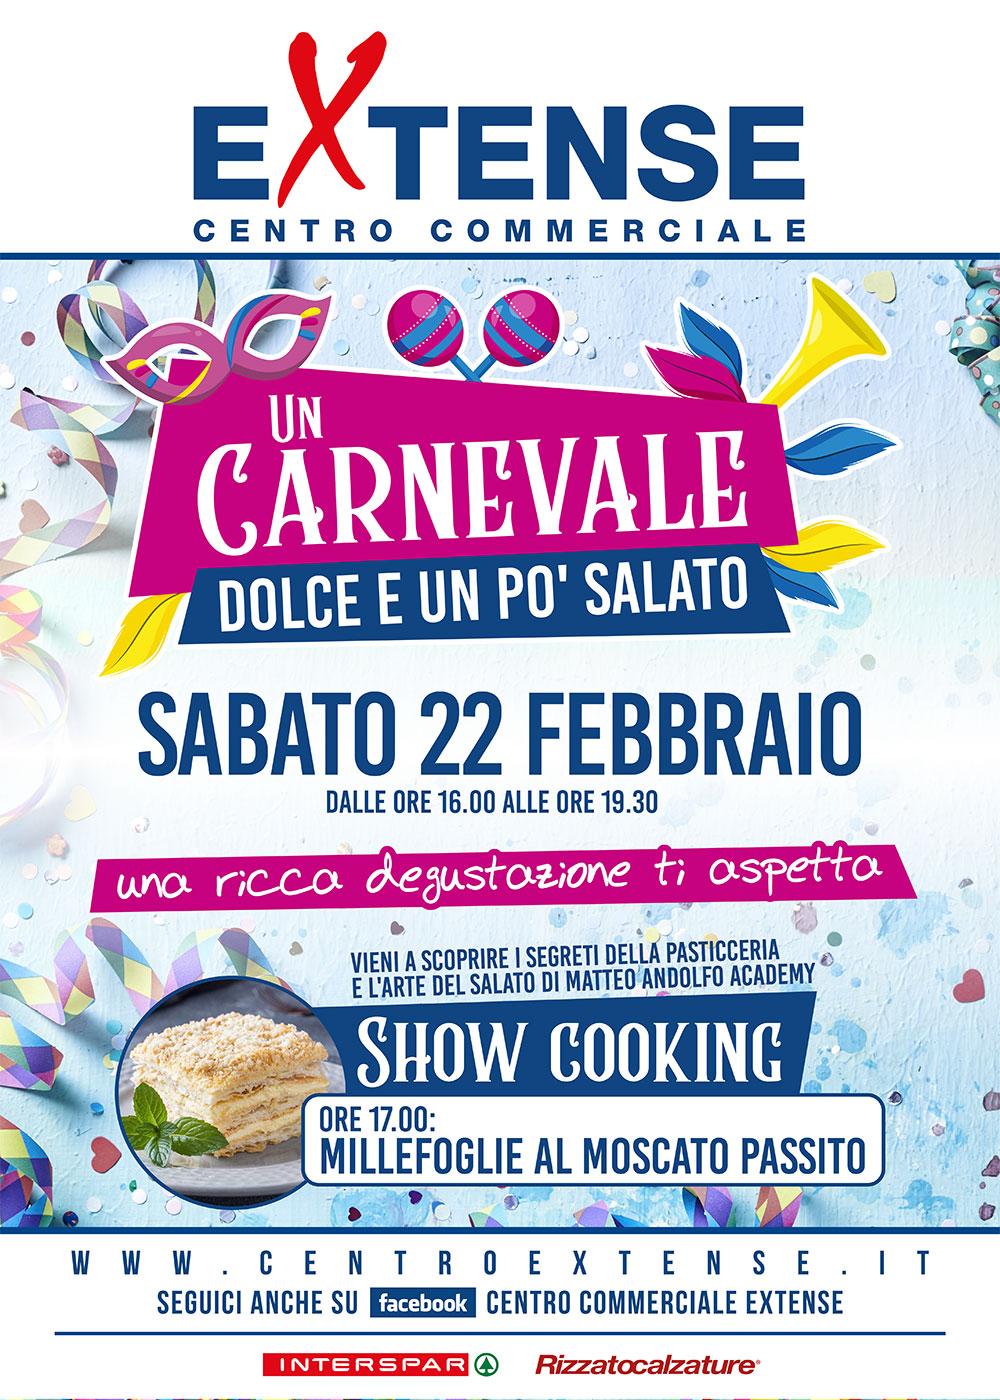 Carnevale 2020 al Centro Commerciale Extense - 22 febbraio 2020